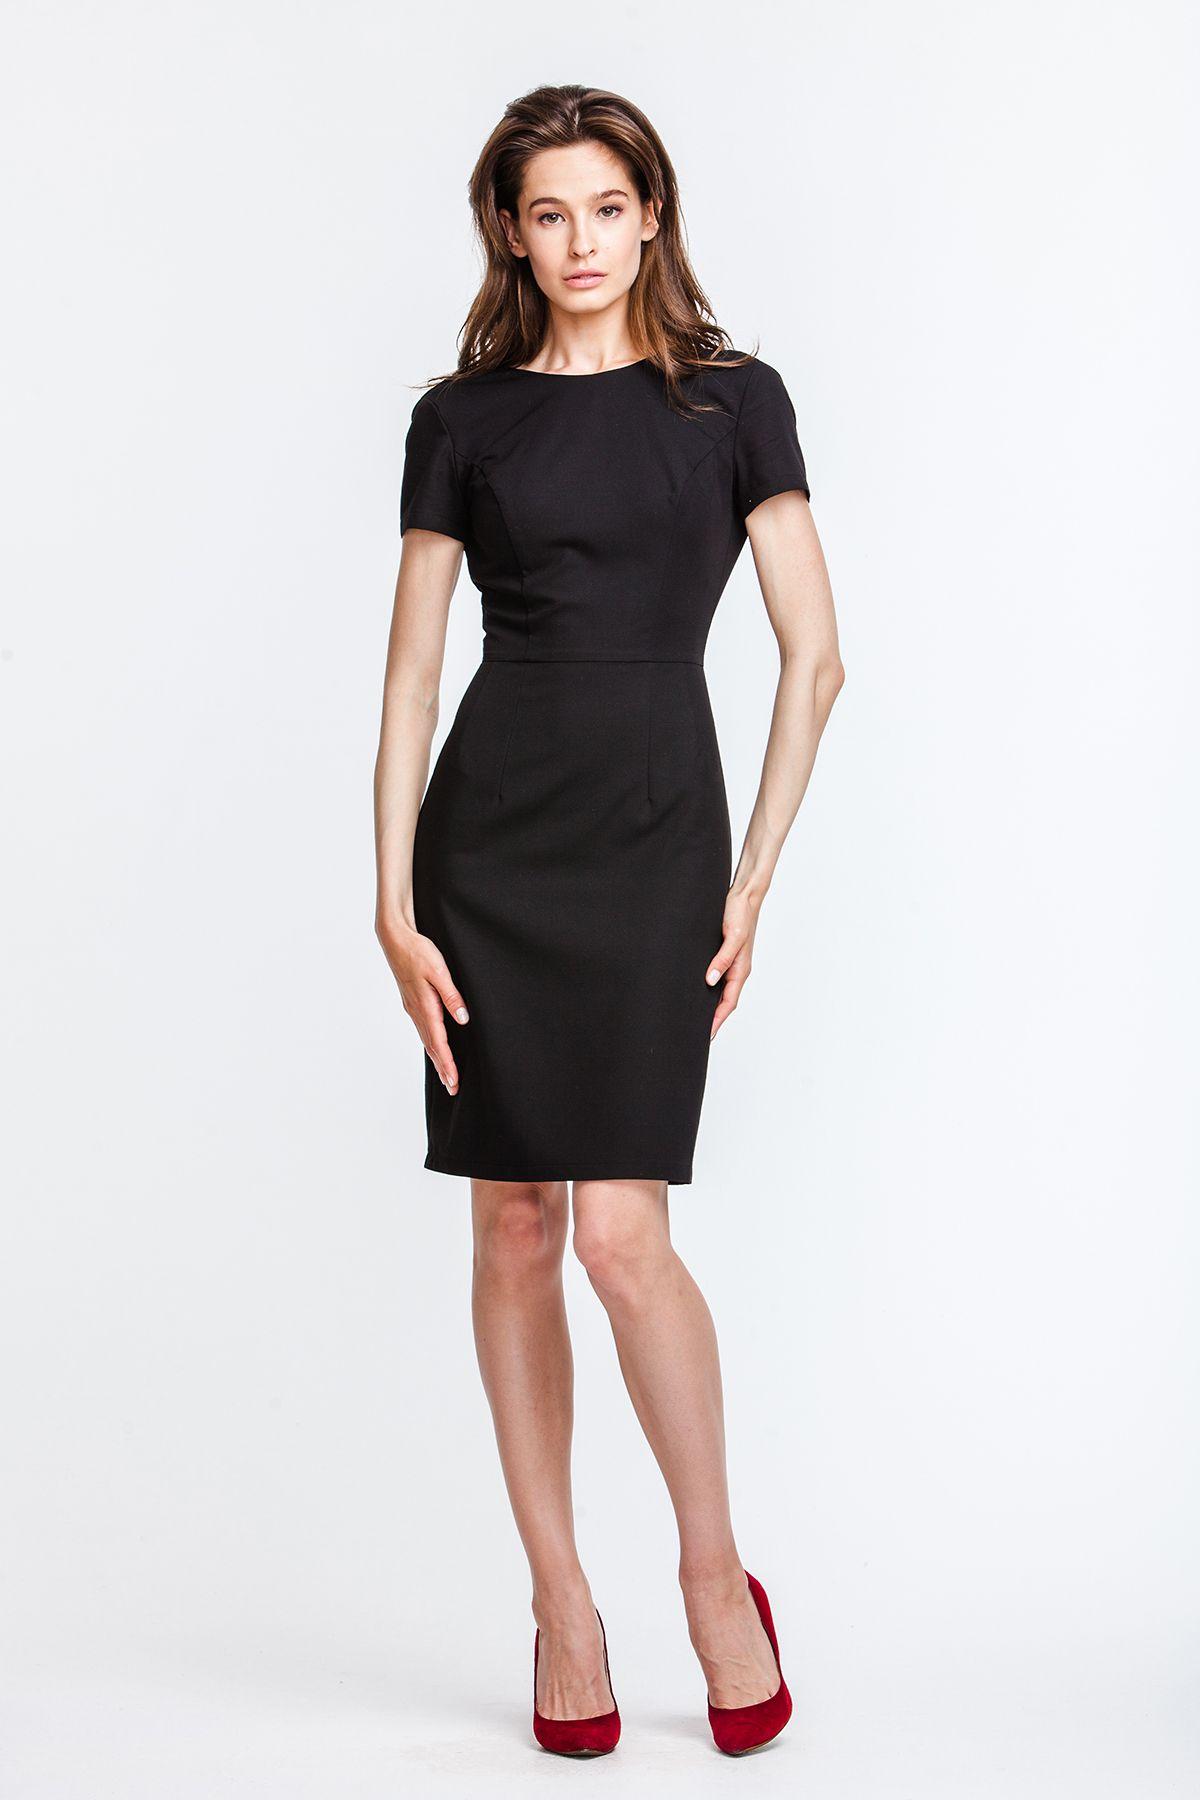 7f122133c9b 2619 Платье черное